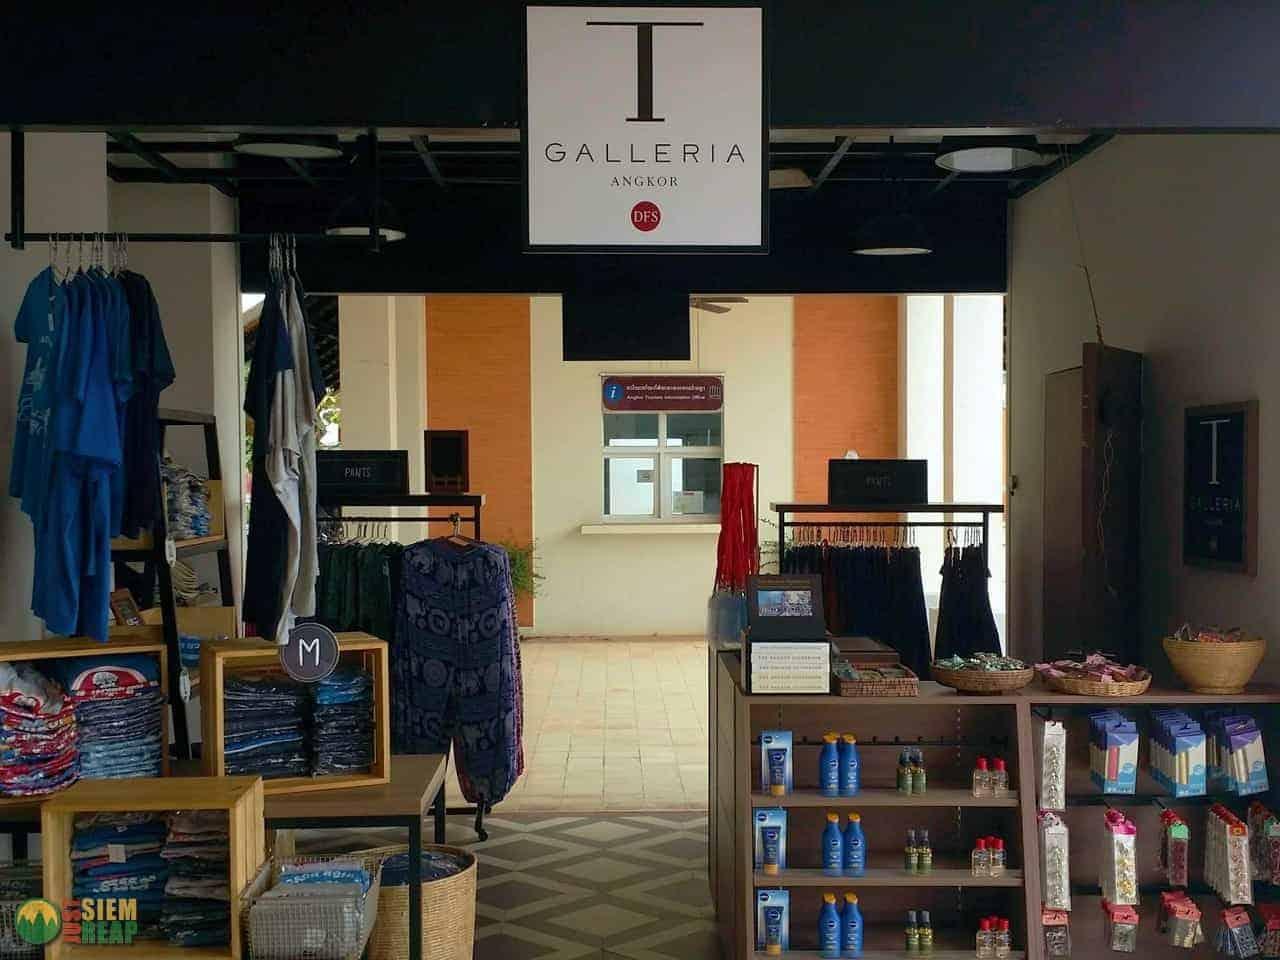 Galleria Gift Shop